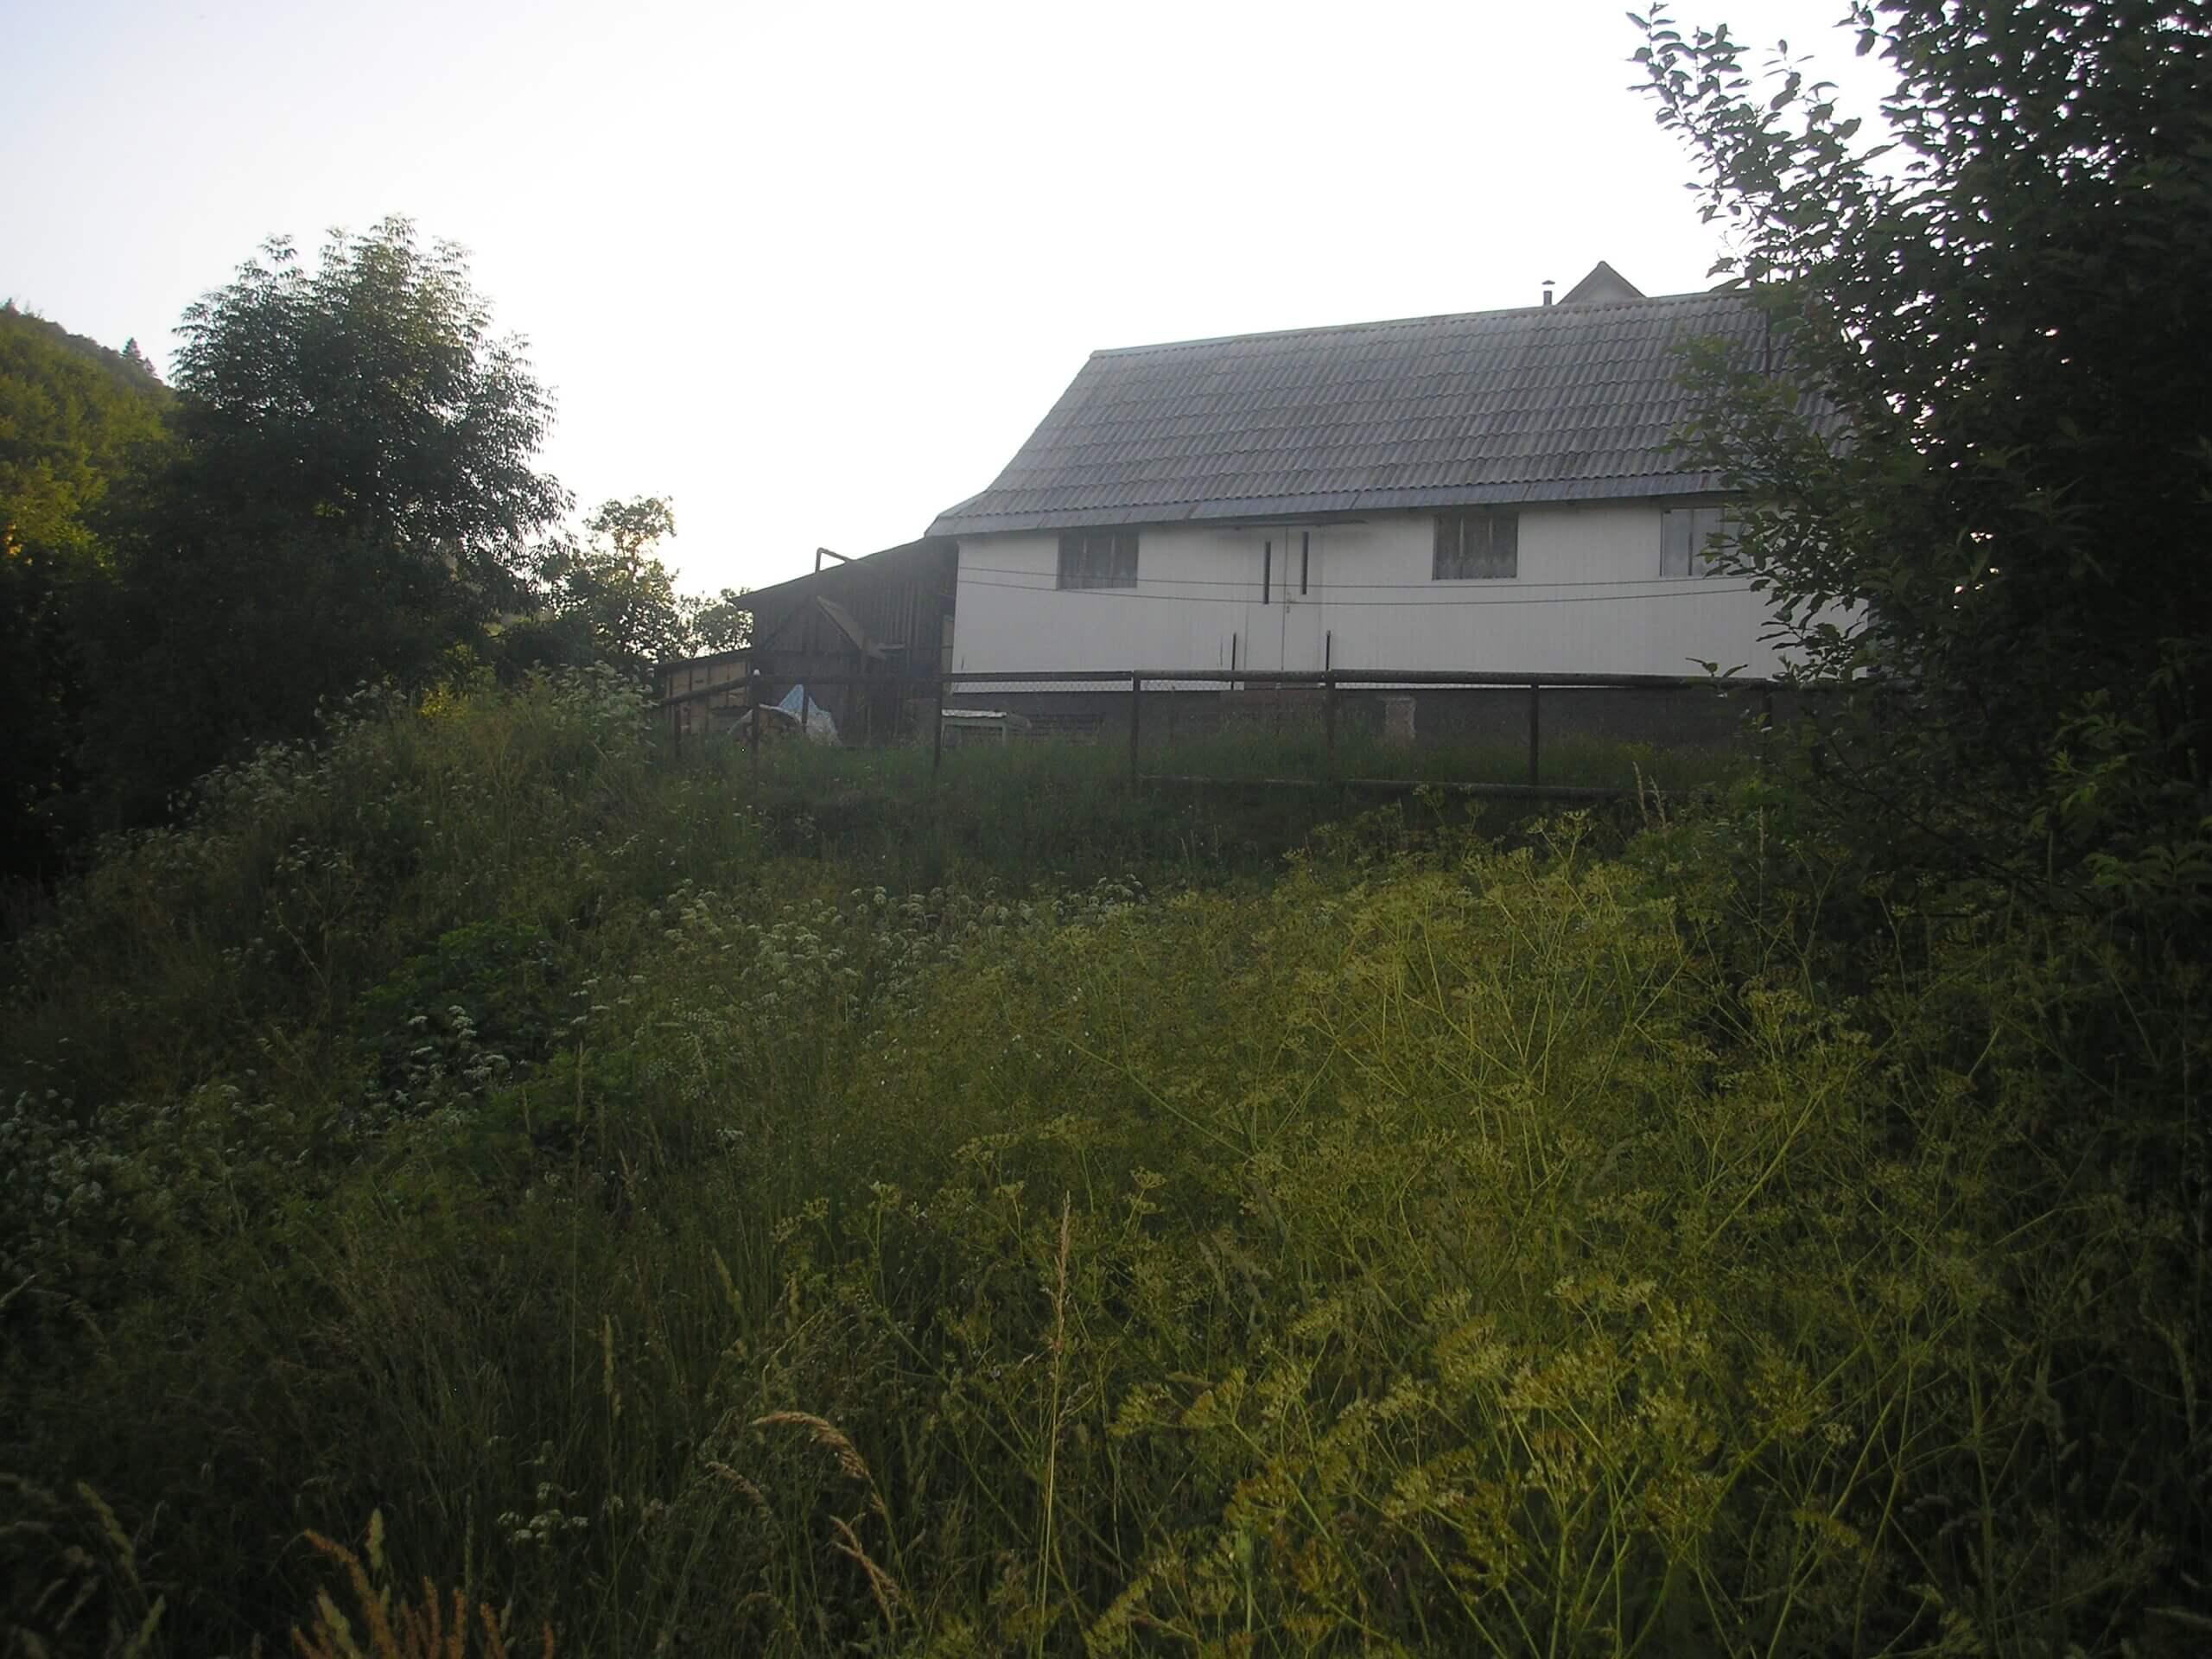 Cavnic, de vanzare teren pentru casa de vacanță intr-o zona foarte pitoreasca !